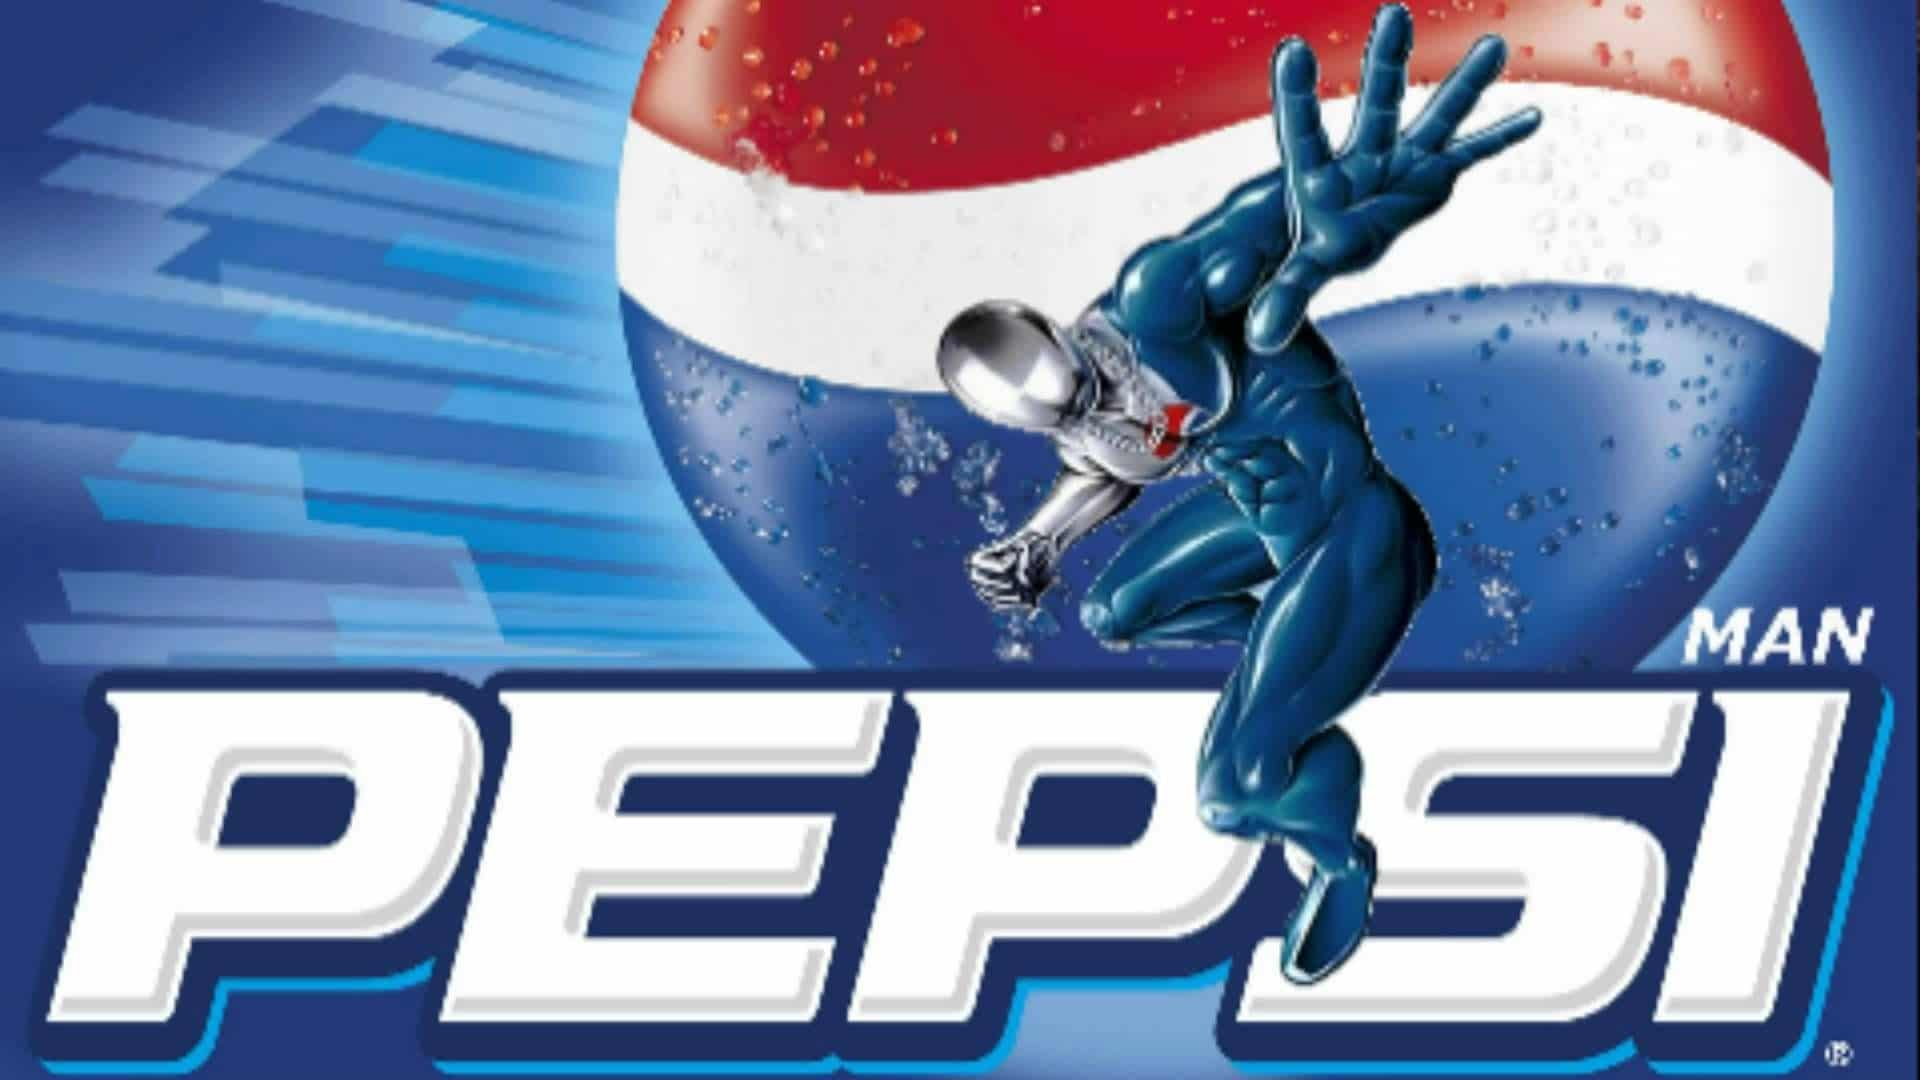 Video game Pepsiman